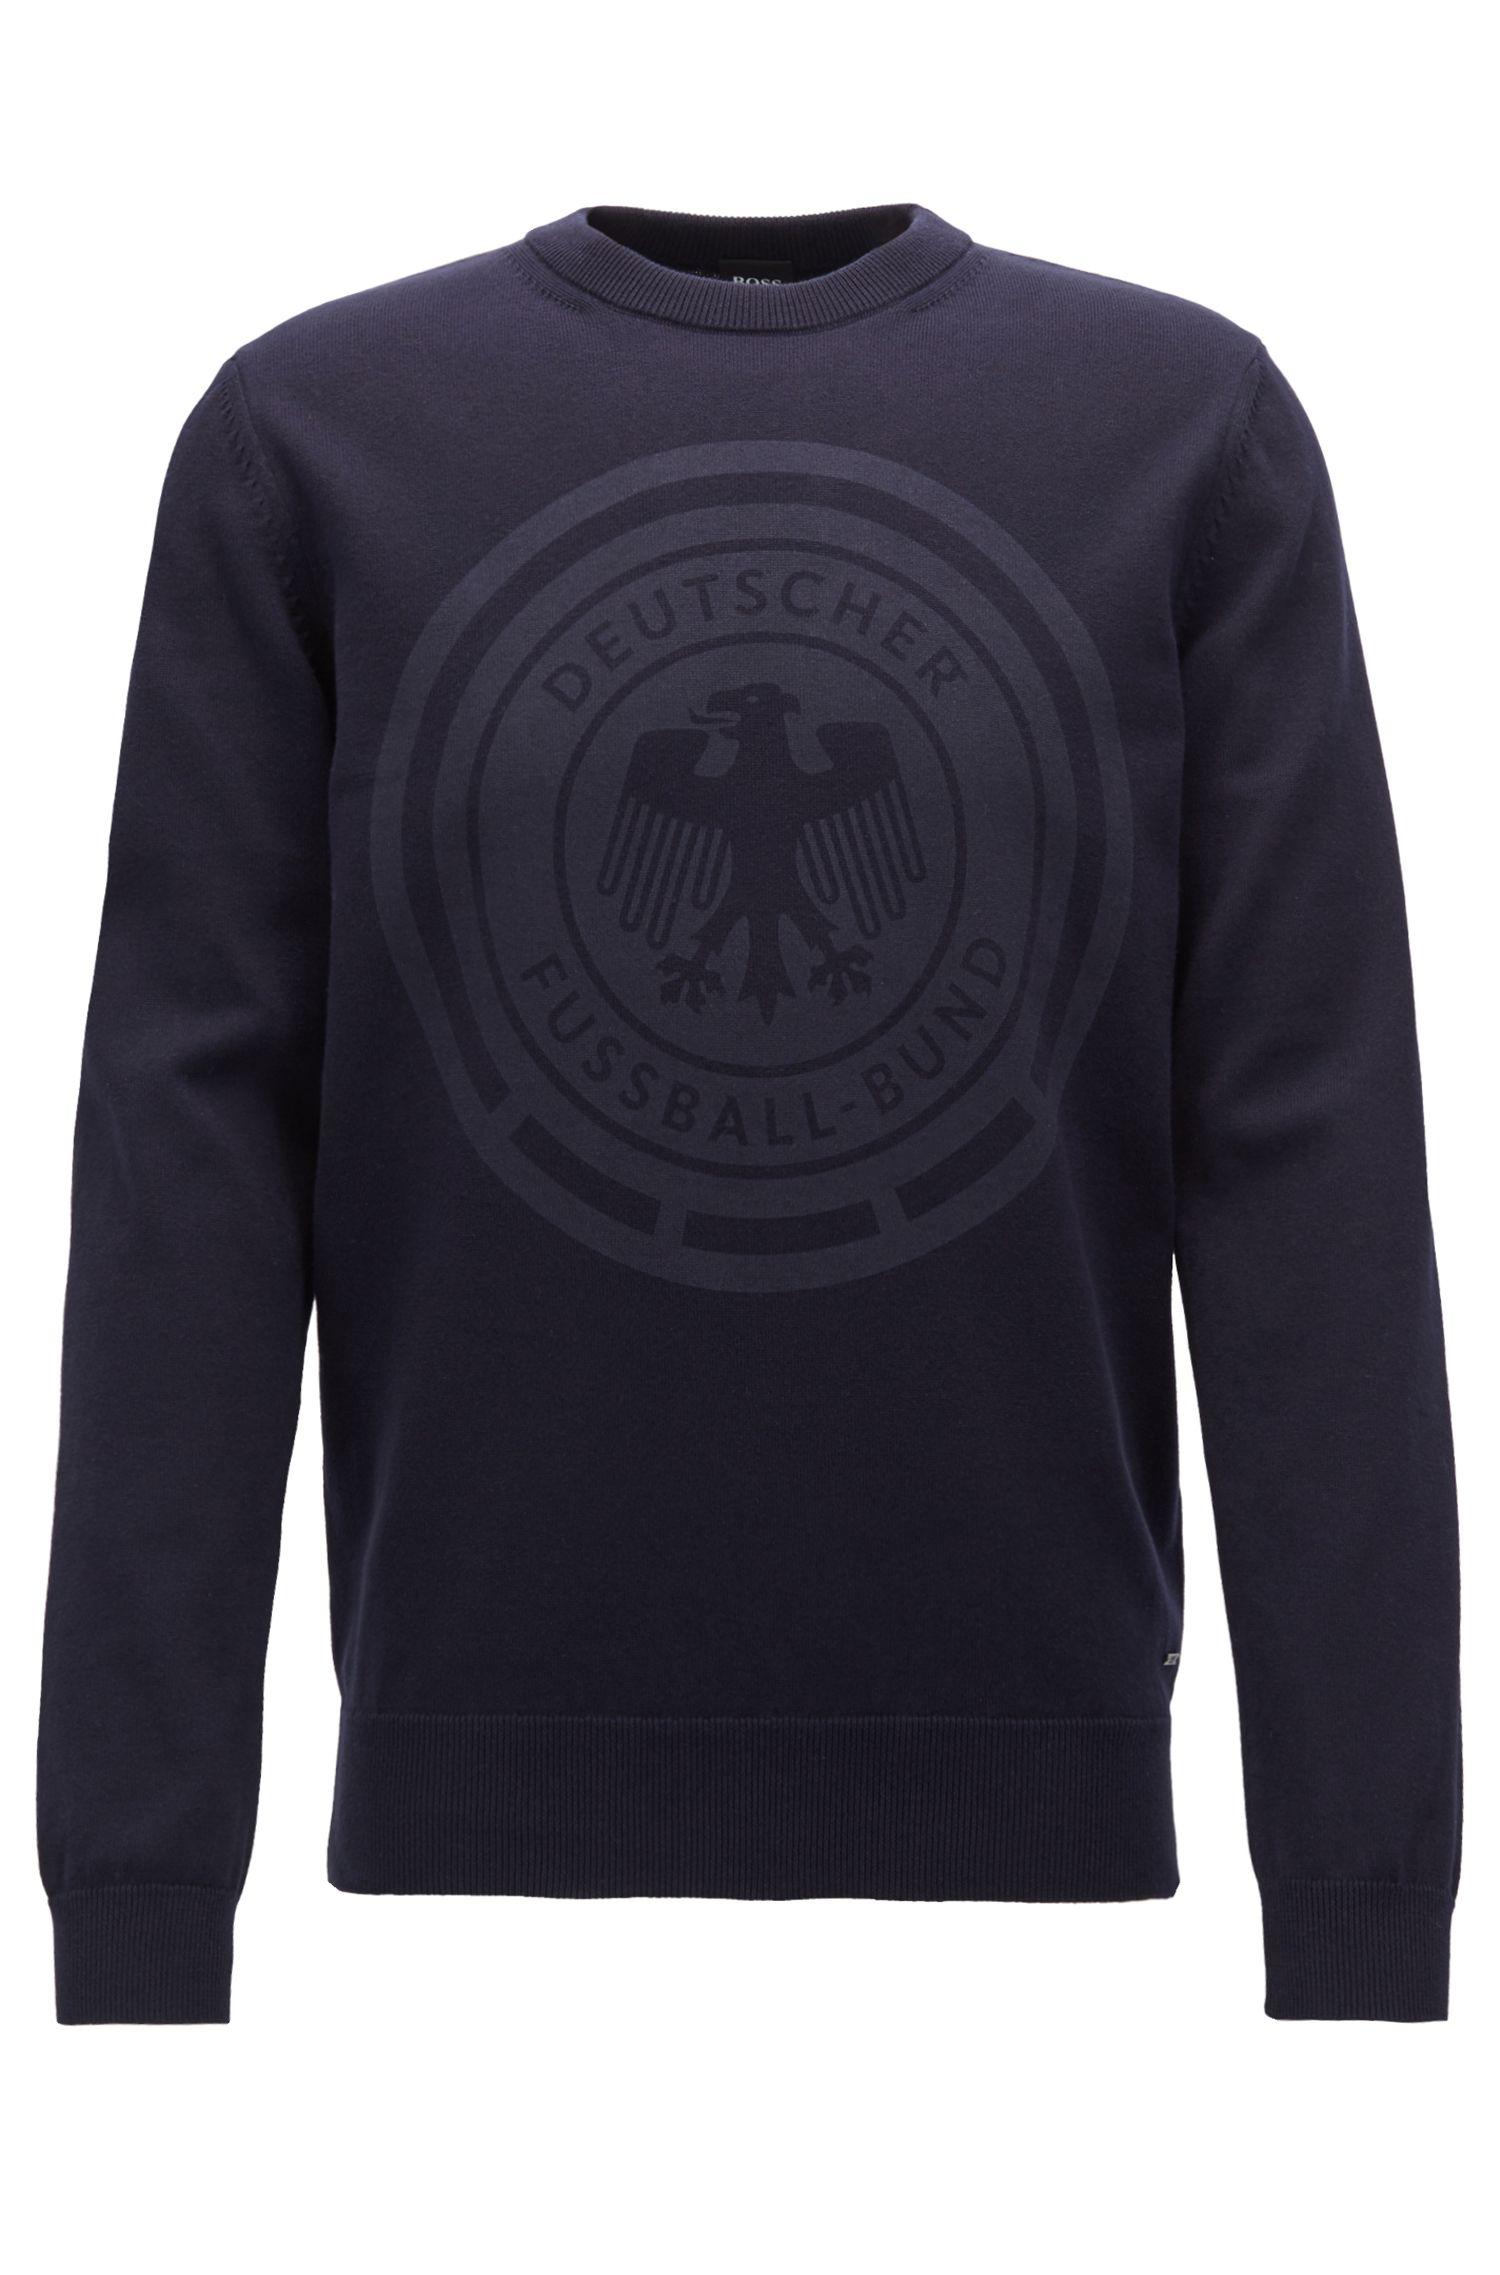 Cotton sweatshirt with logo print, Dark Blue